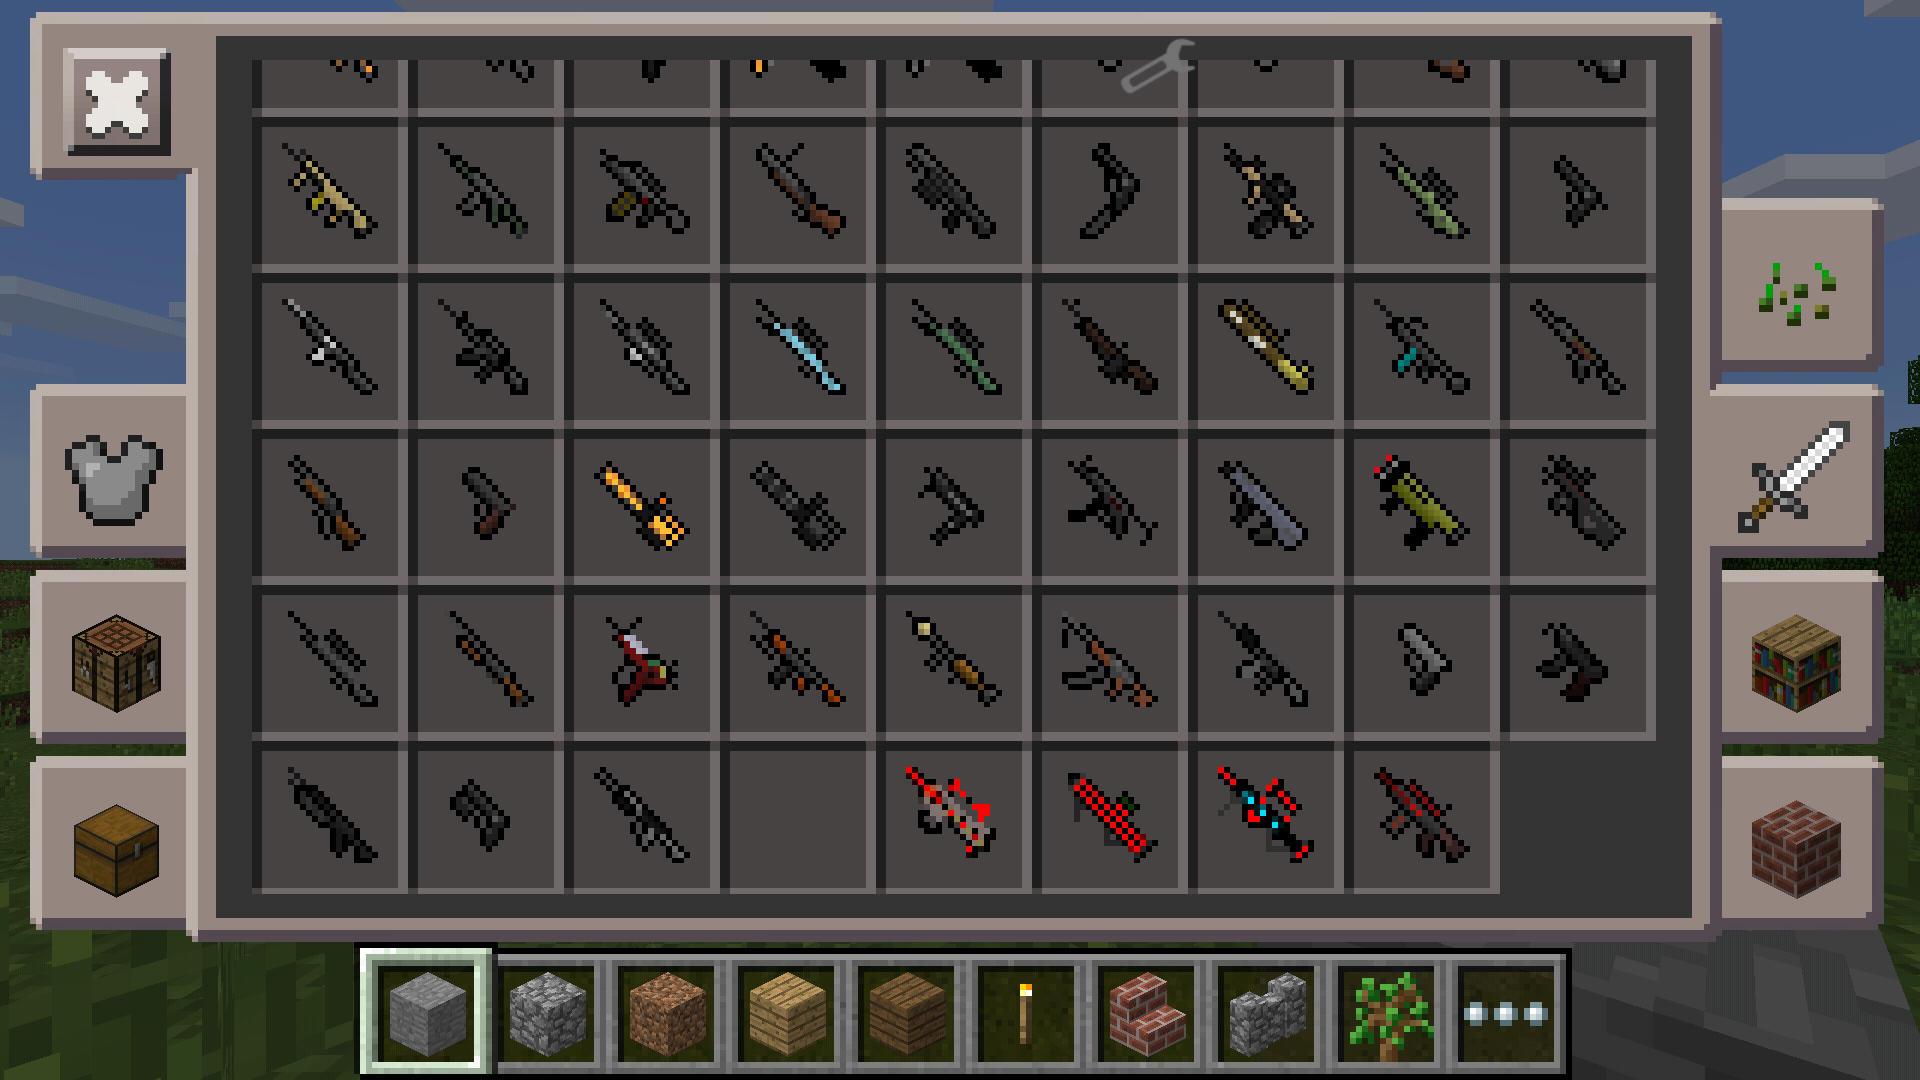 мод на оружие в майнкрафт 0.14.0